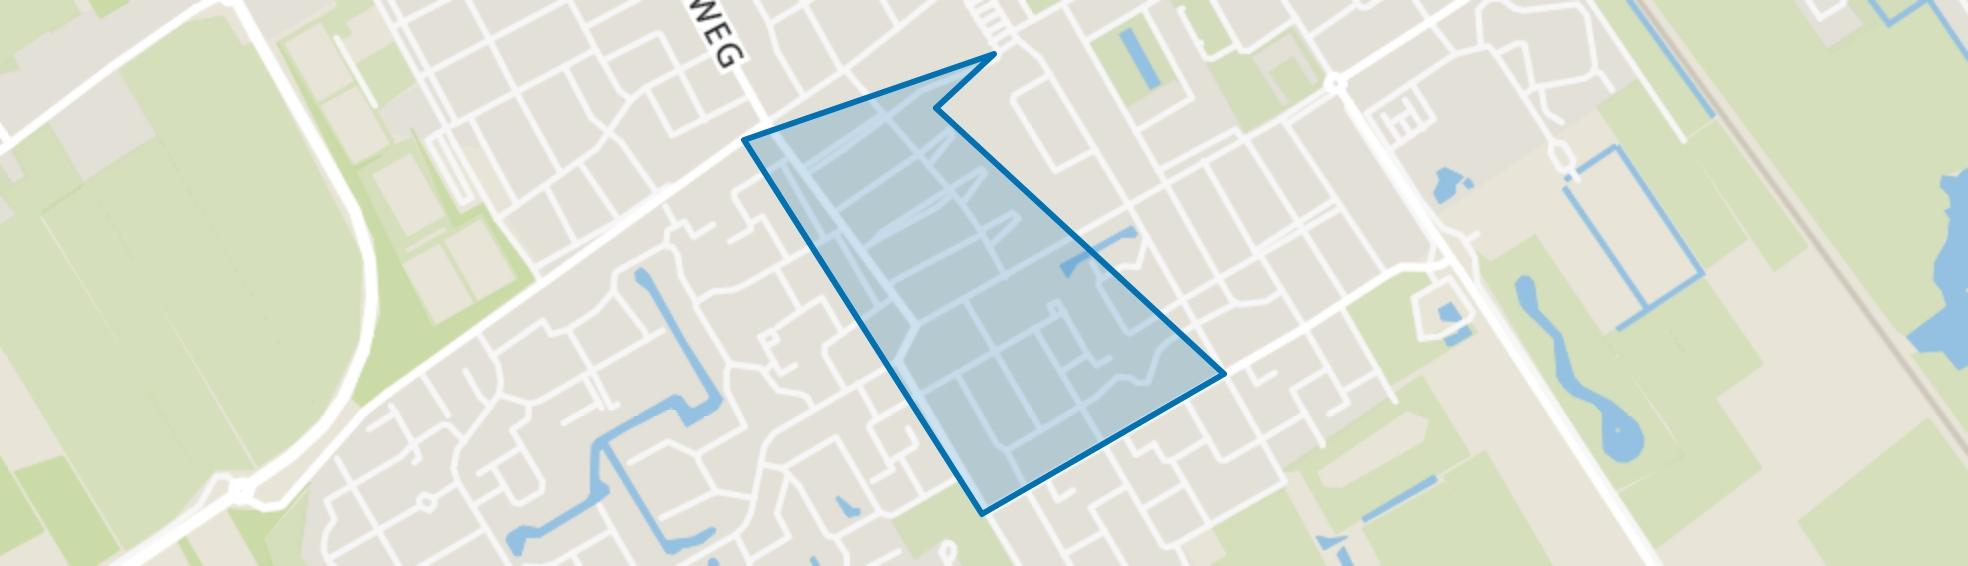 Wolvega-Oranjebuurt, Wolvega map